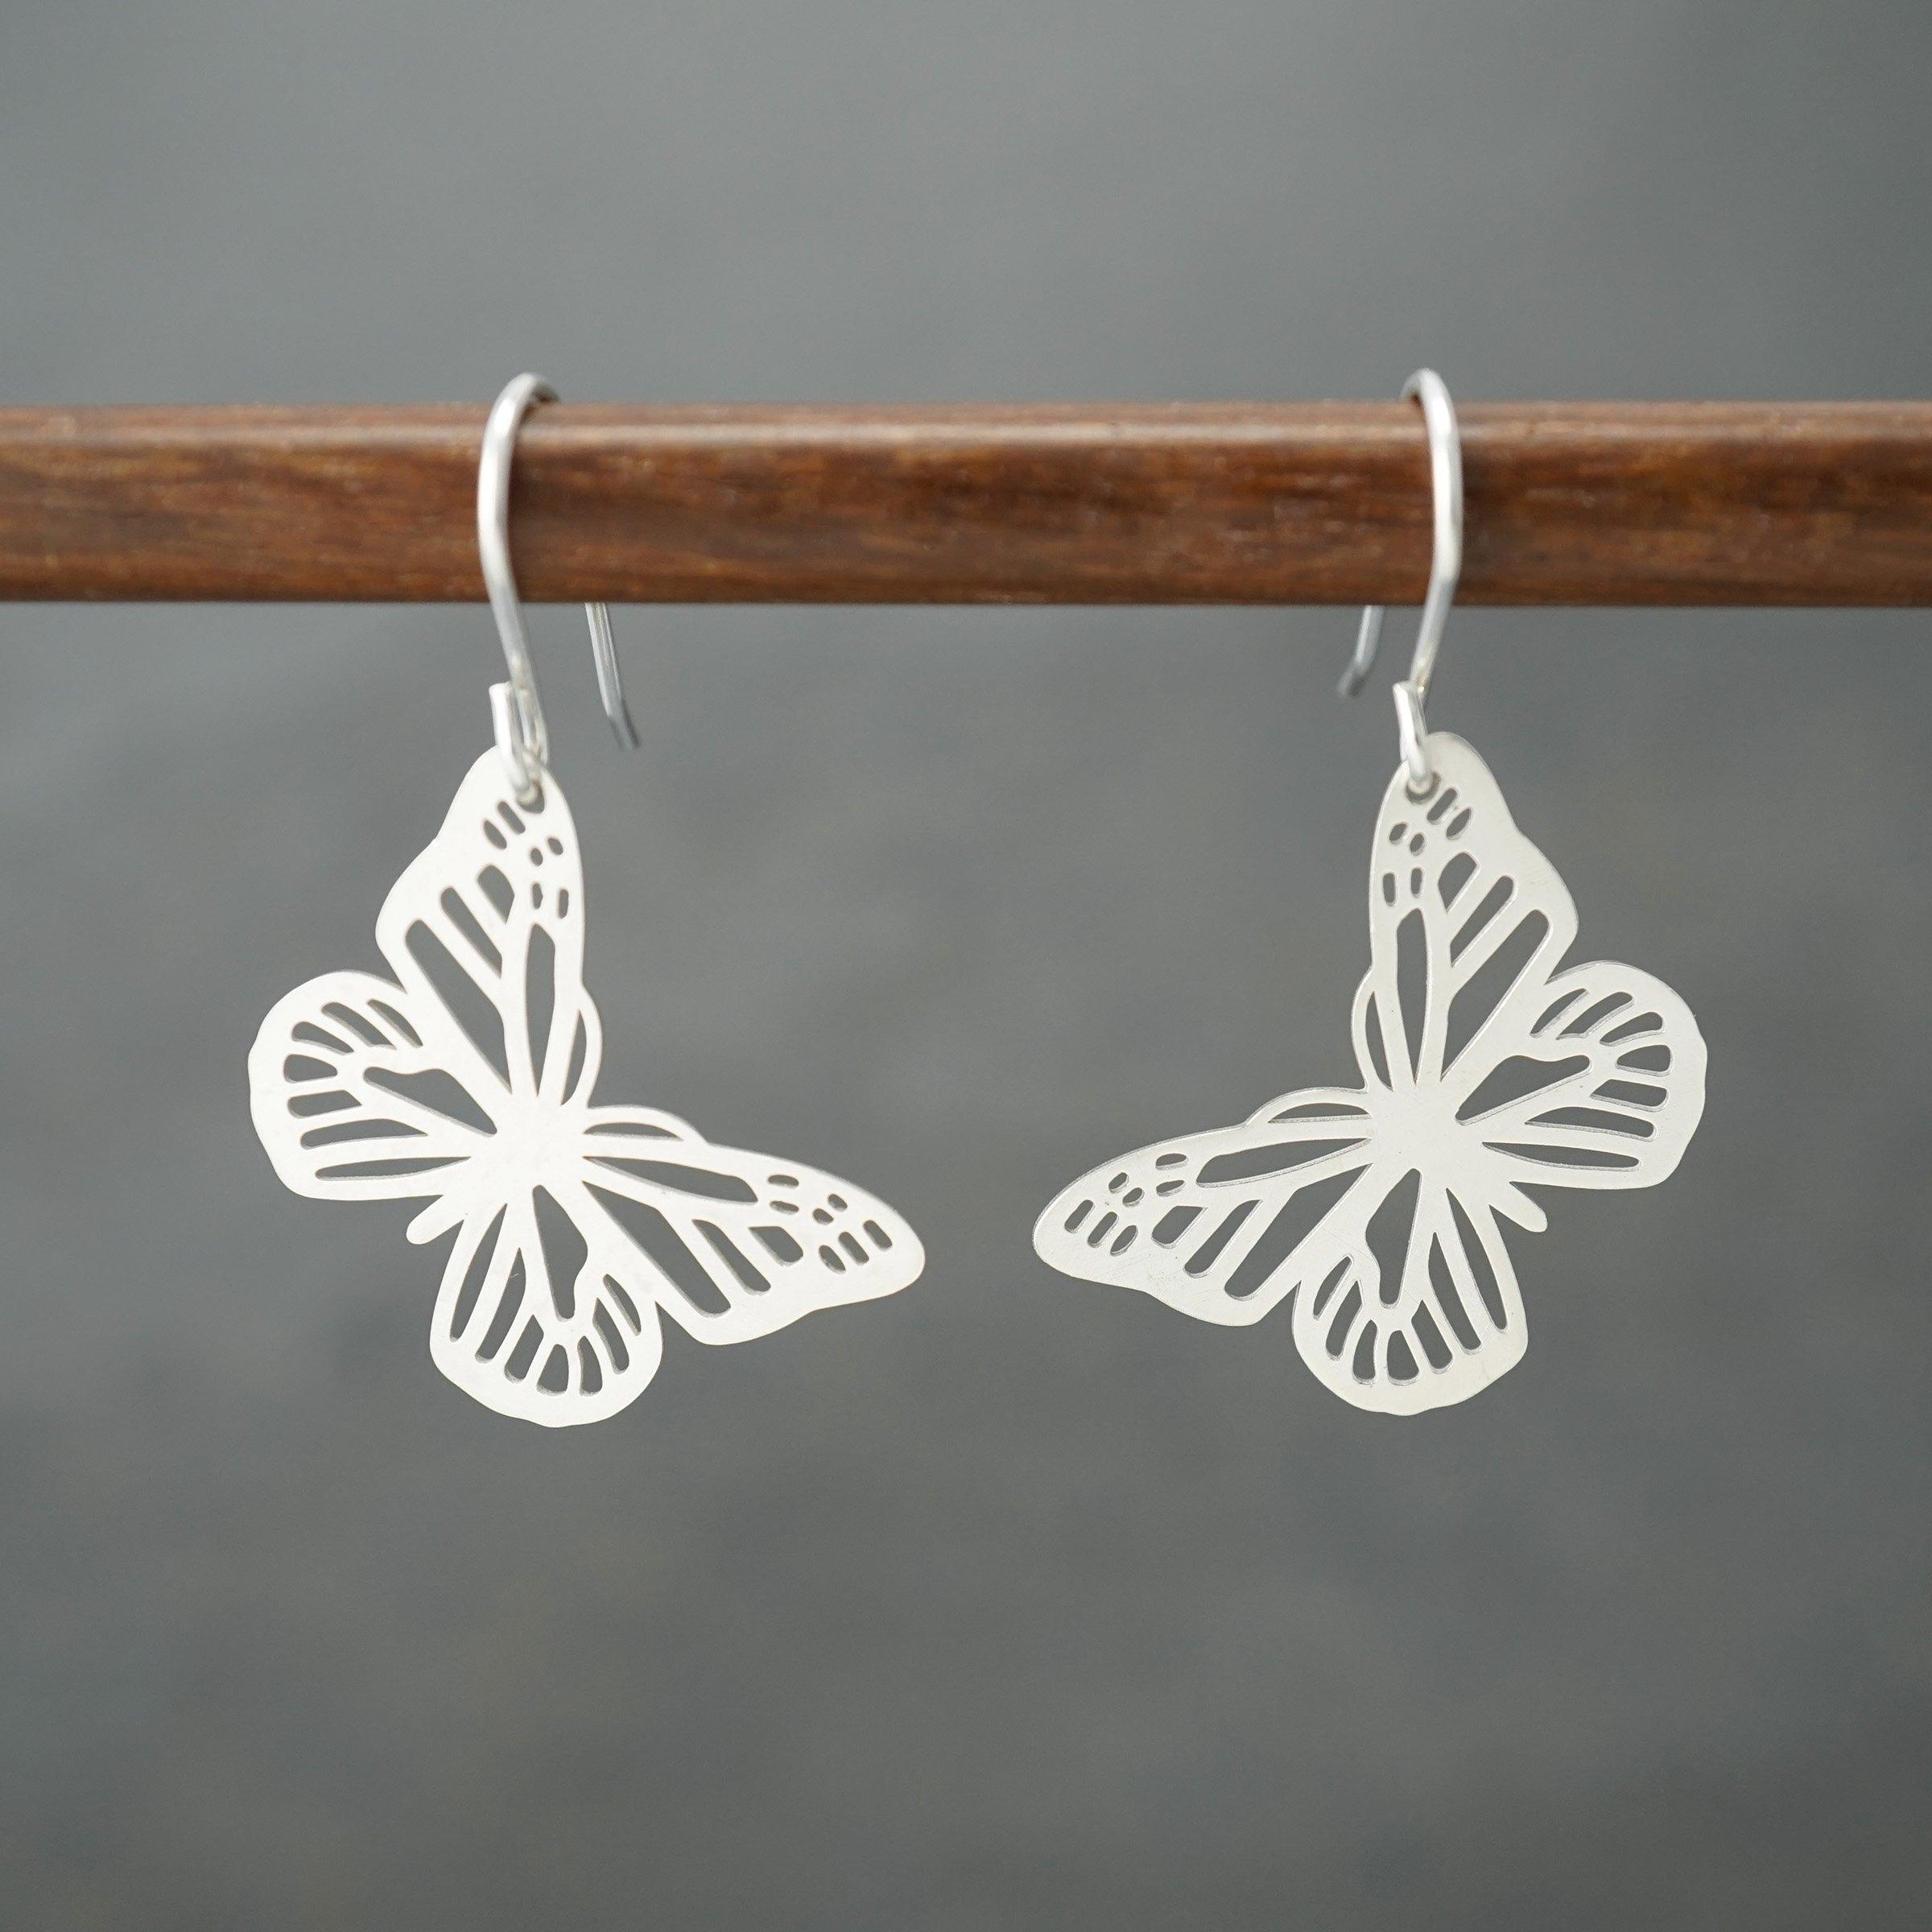 Butterfly drop earrings by Argent Whimsy Jewellery